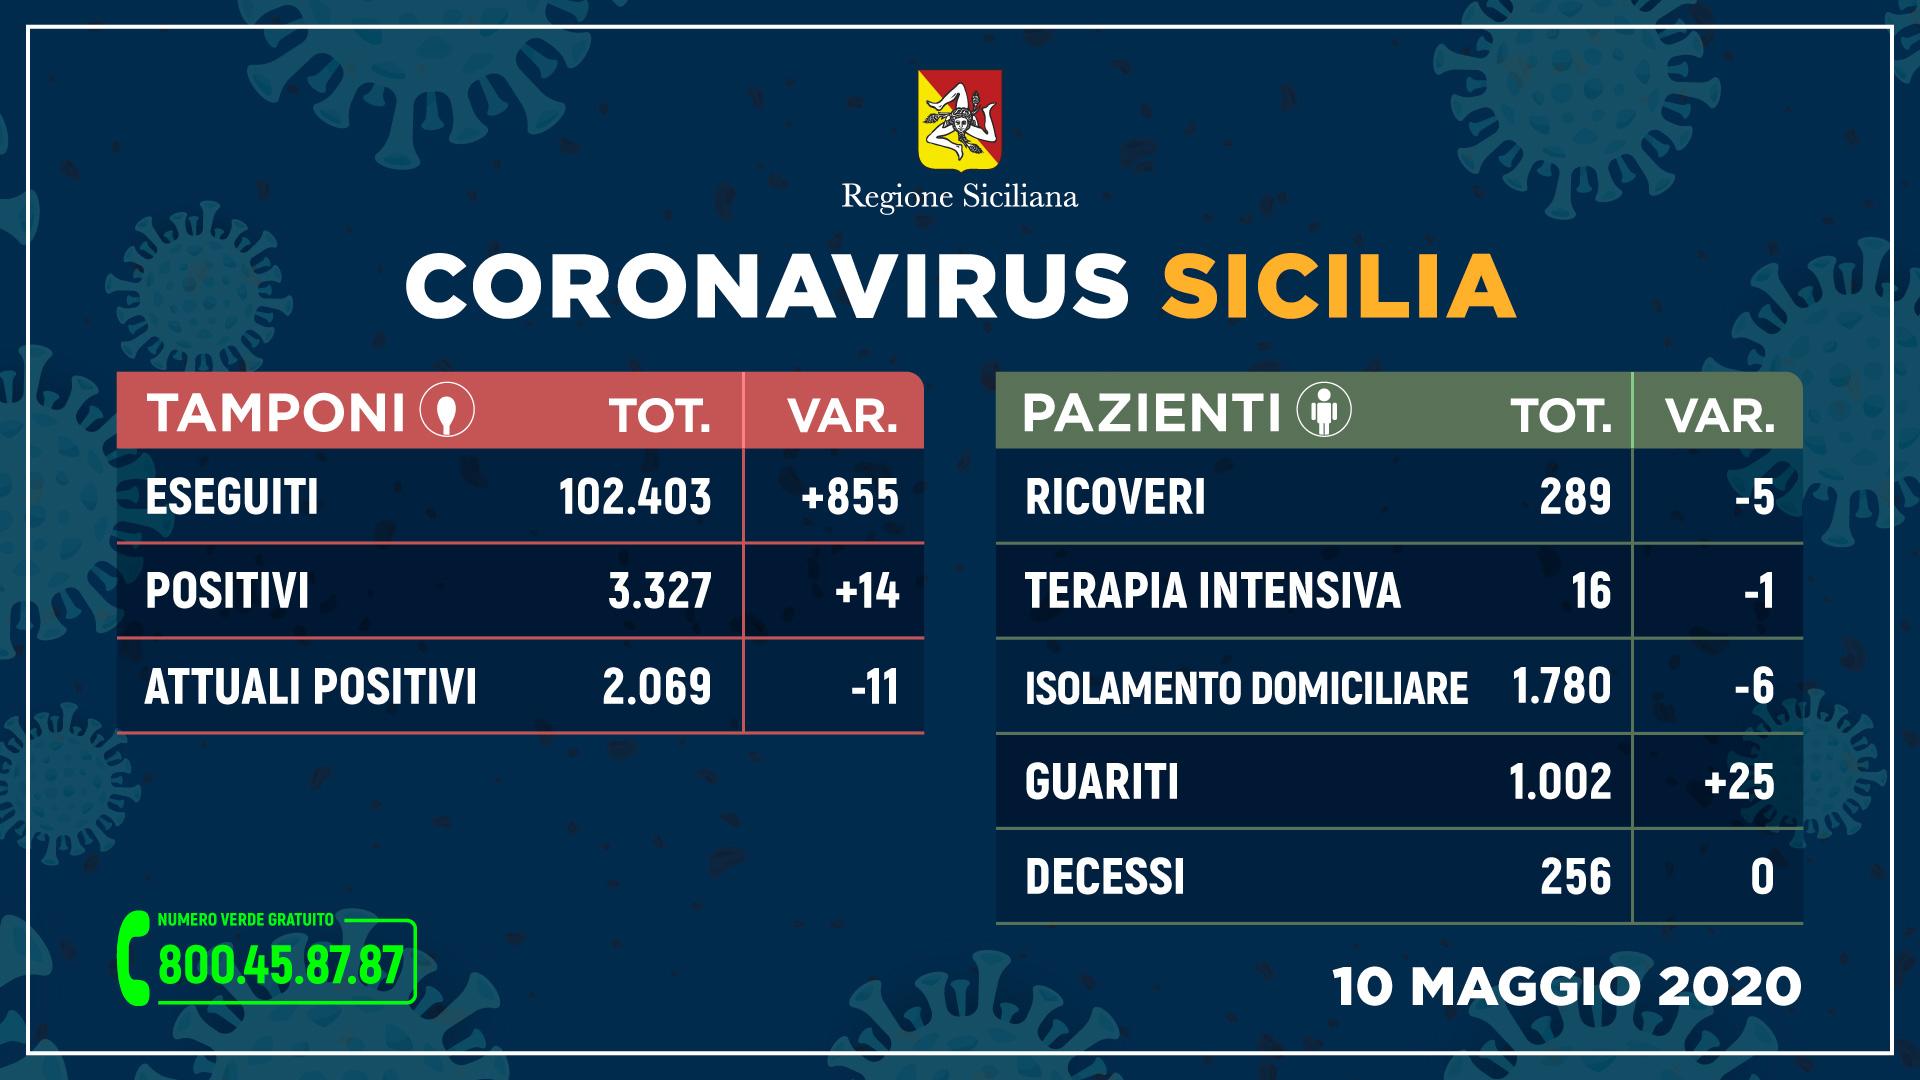 10.05.20 - coronavirus_sicilia_tamponi_10_MAGGIO